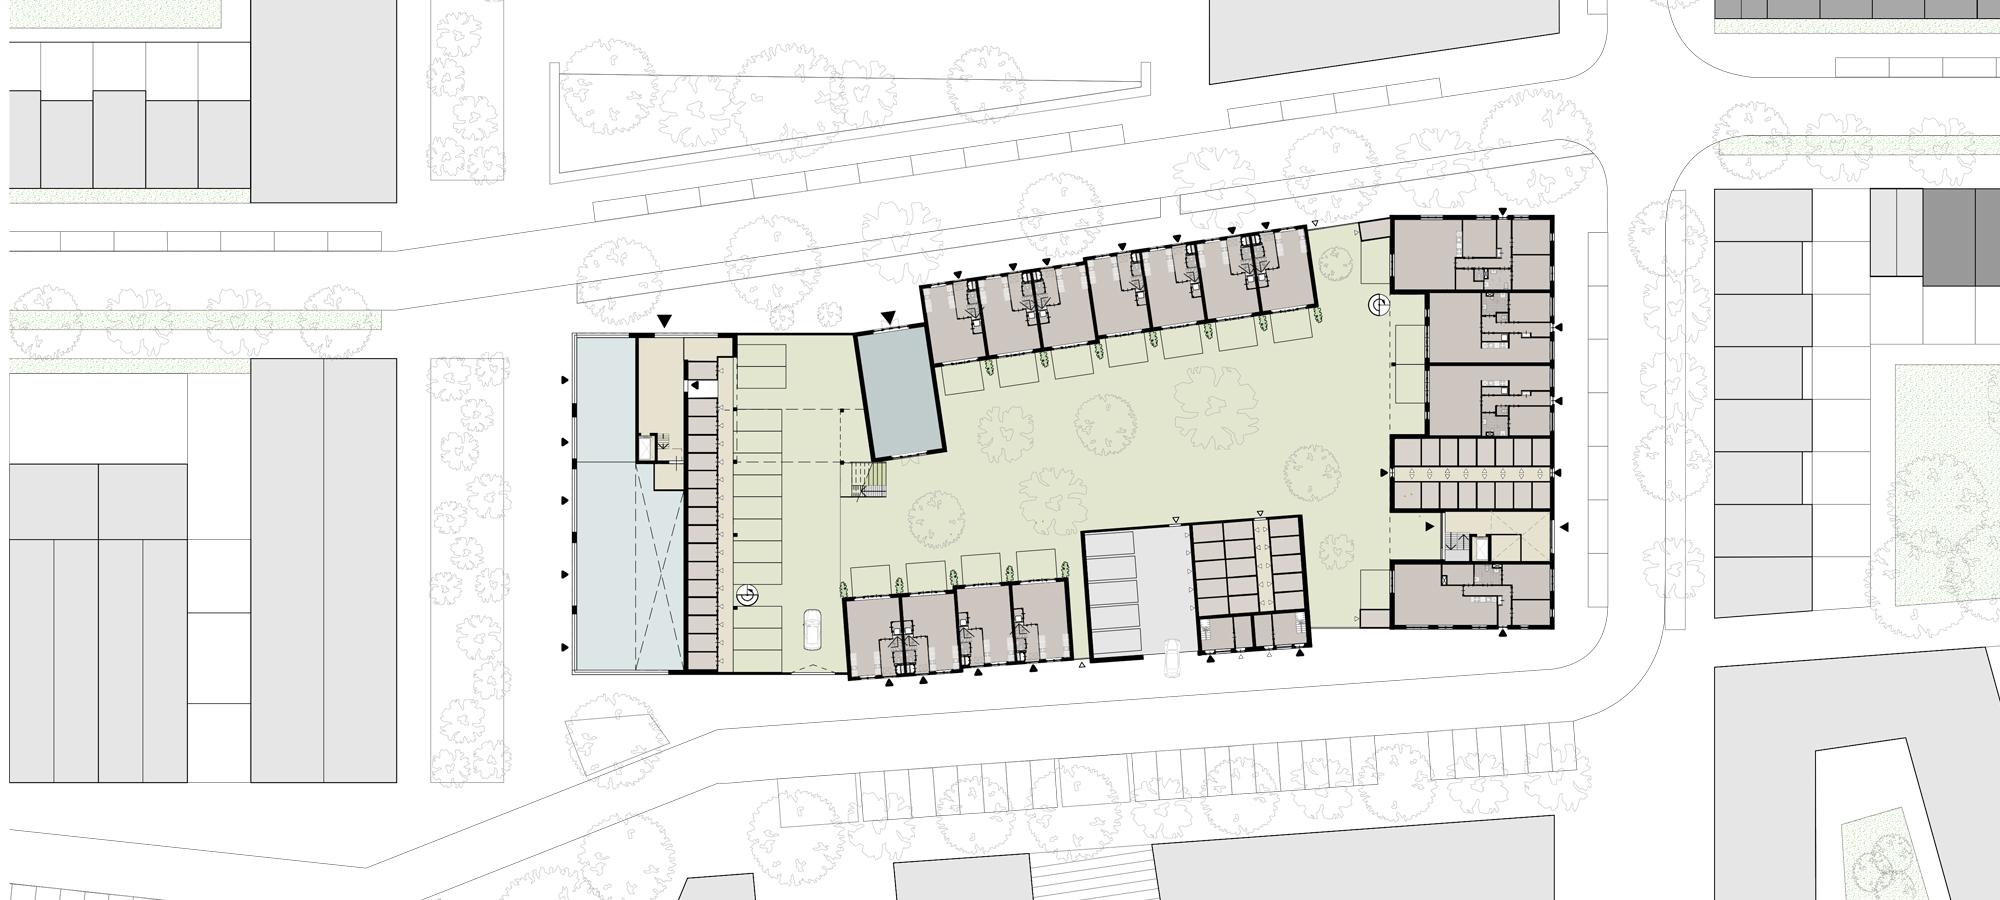 Hof van Zutphen senioren appartementen, woningen en een gemeenschapshuis